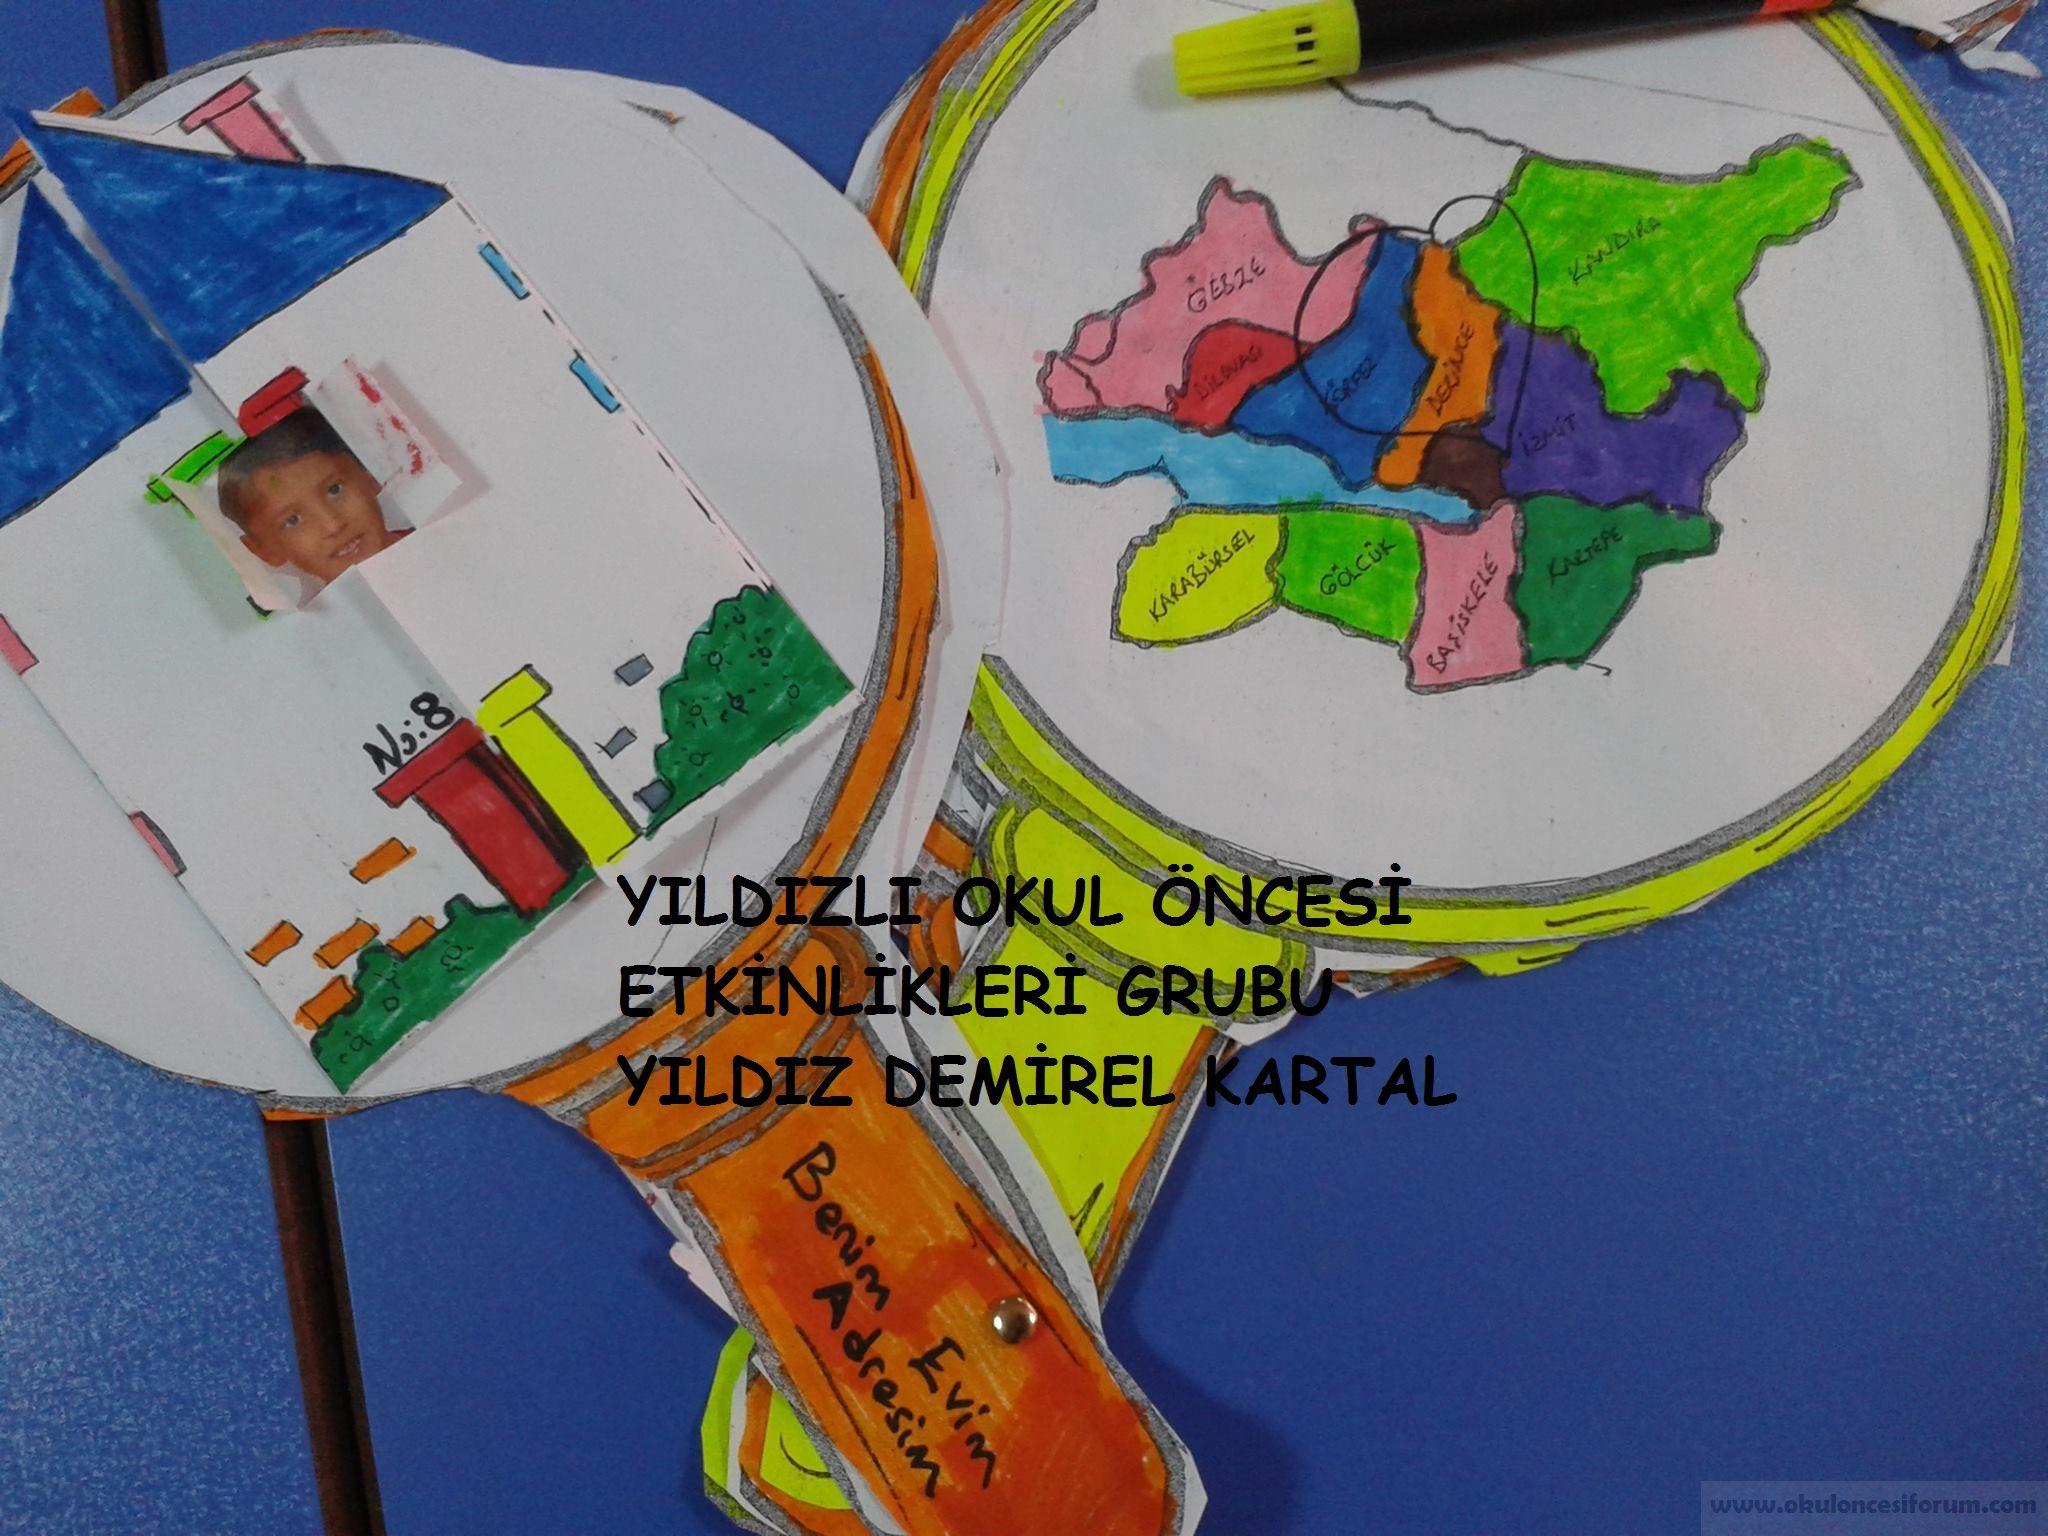 Adresim Evim Ilim Ilçemülkemkıtamgezegenim Projesi Okul öncesi